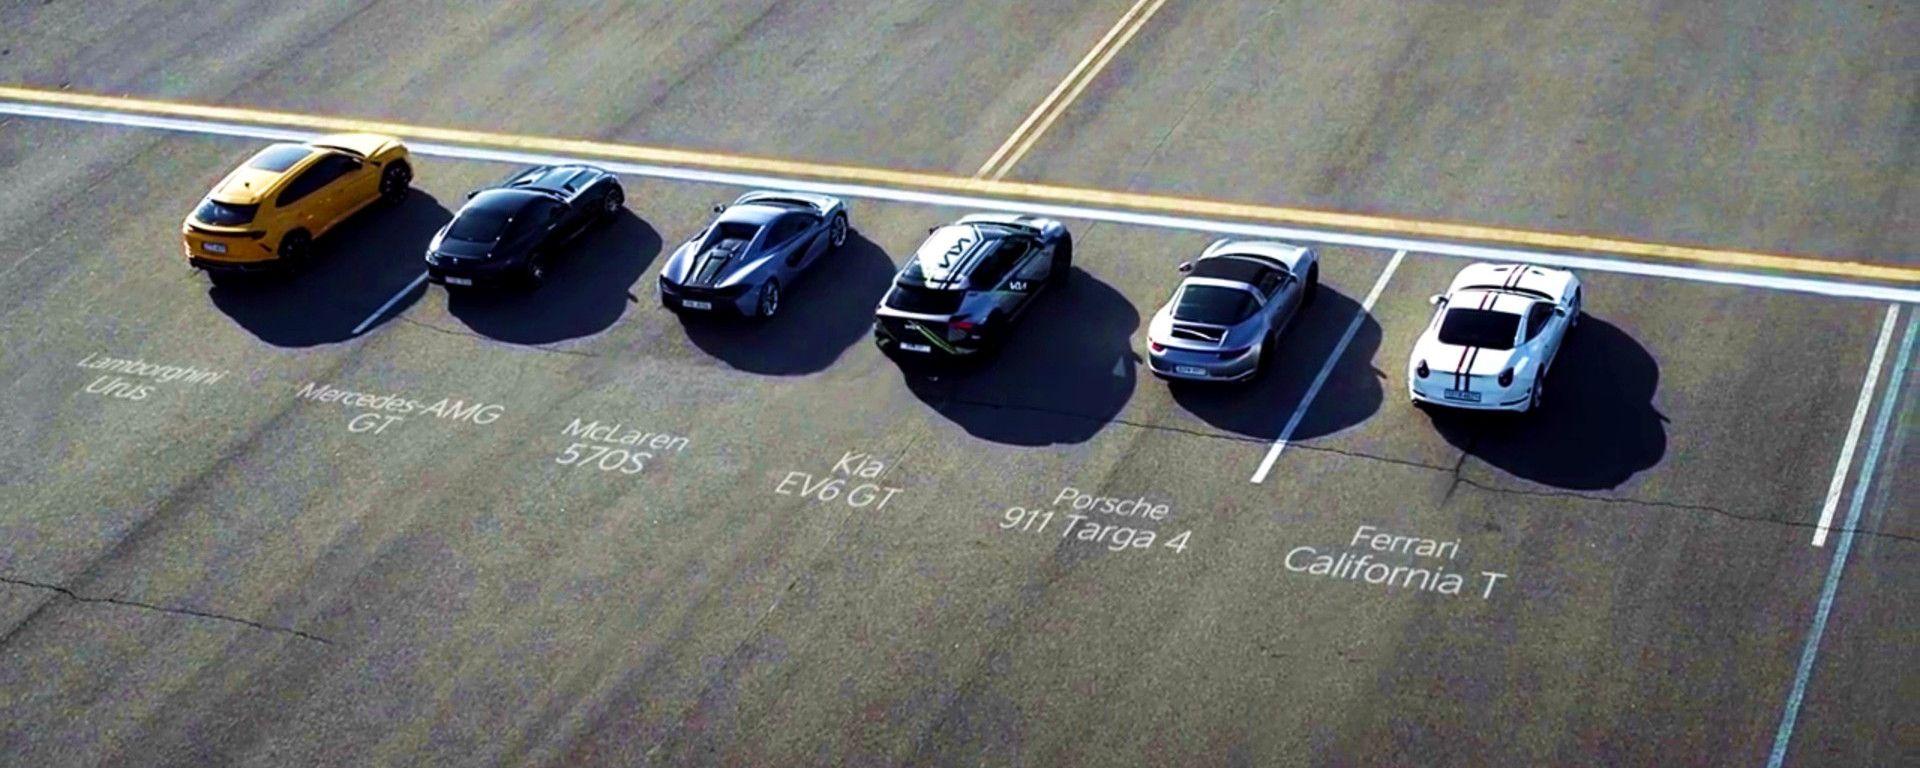 Kia EV6 GT vs Lamborghini Urus,Ferrari California T, Porsche 911 Carrera 4Targa, Mercedes-AMG GT e McLaren 570S